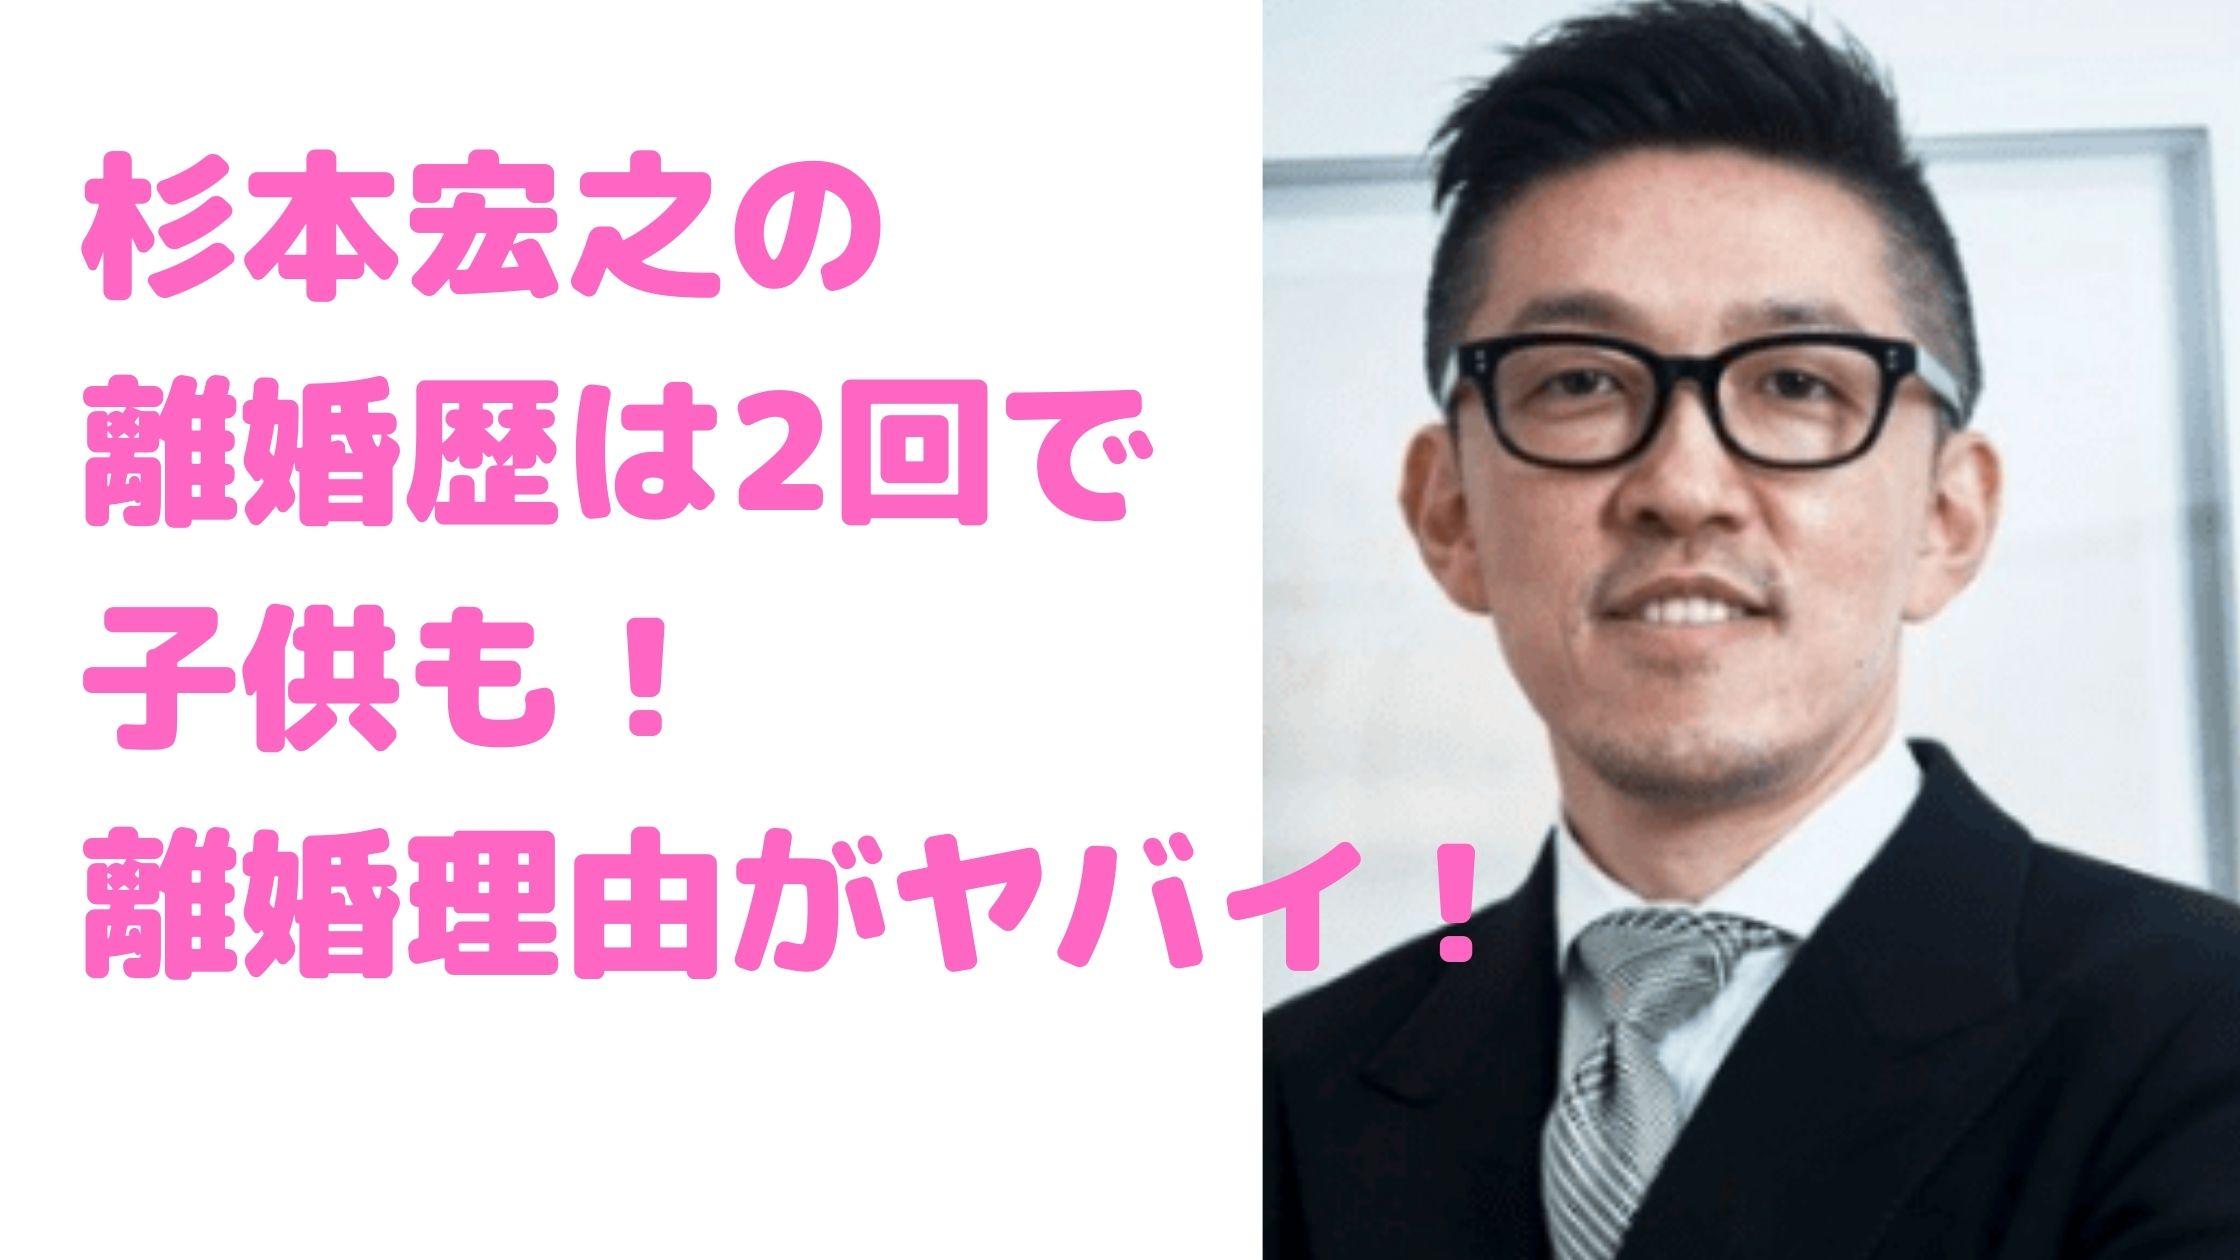 杉本宏之 離婚歴 子供 離婚理由 馴れ初め 年齢 性別